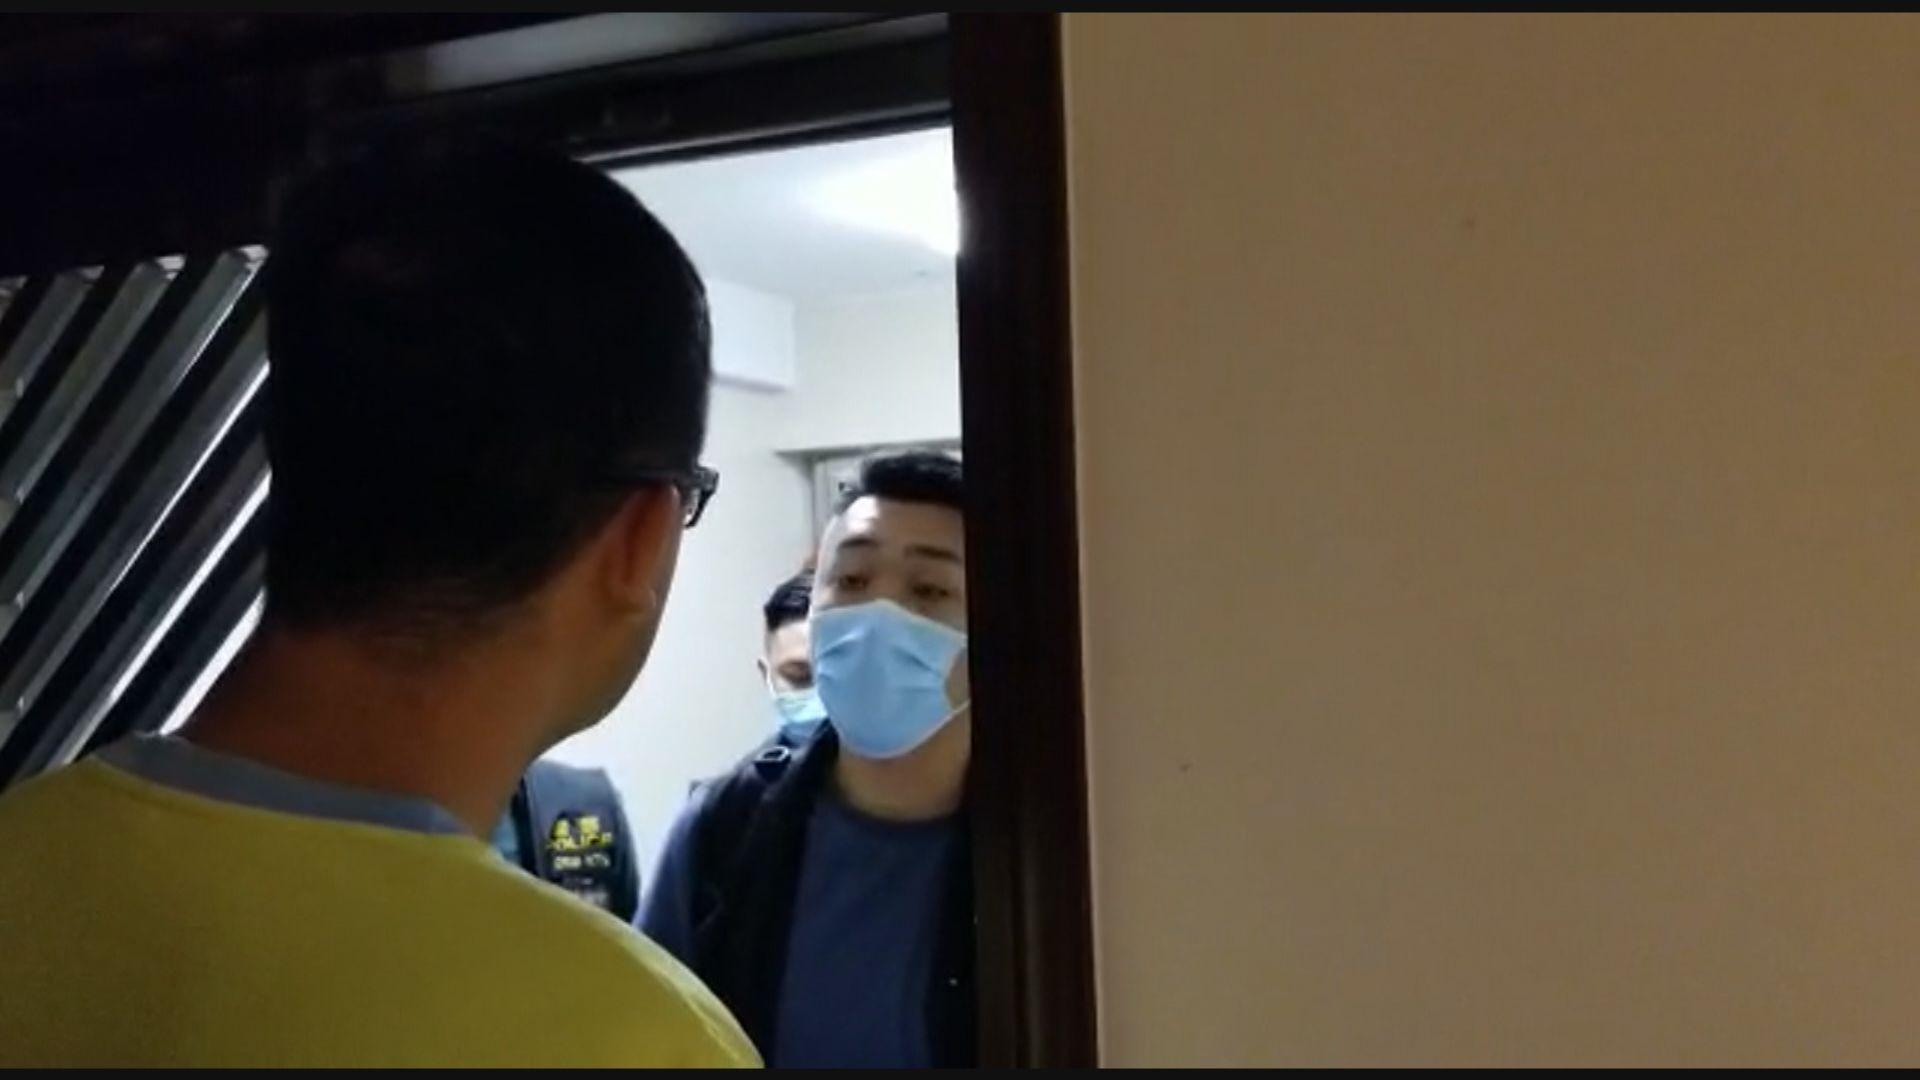 林卓廷被指涉去年721元朗參與暴動被捕遭上門拘捕